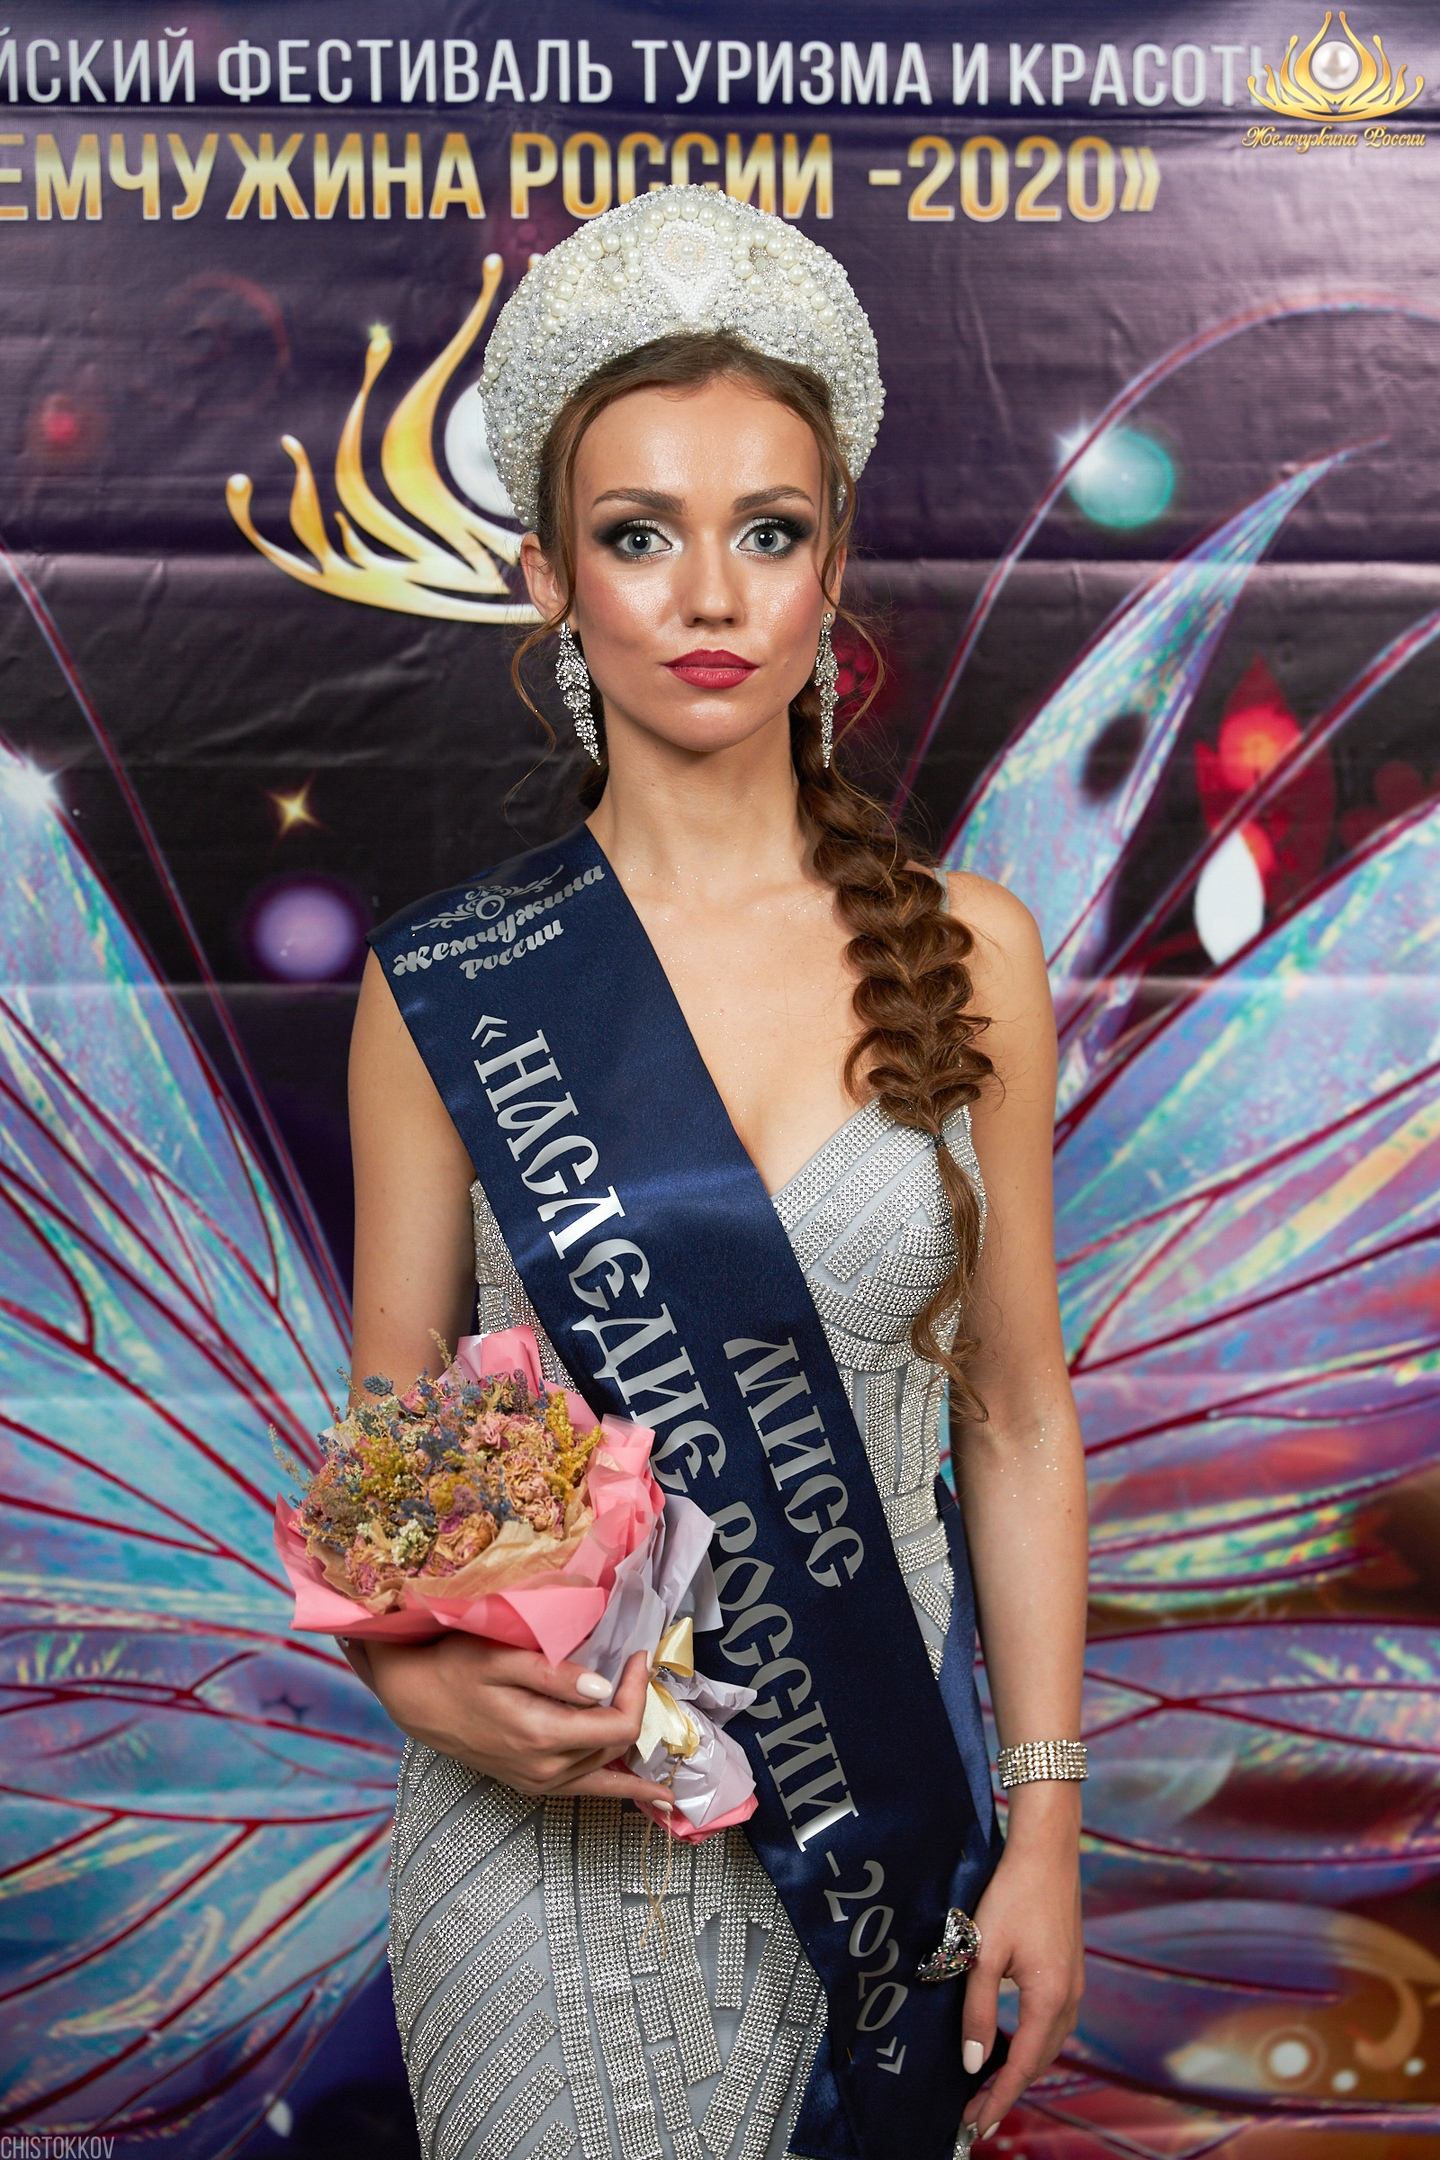 Арина Крышко — Наследие России — 2020 г. Республика Карелия